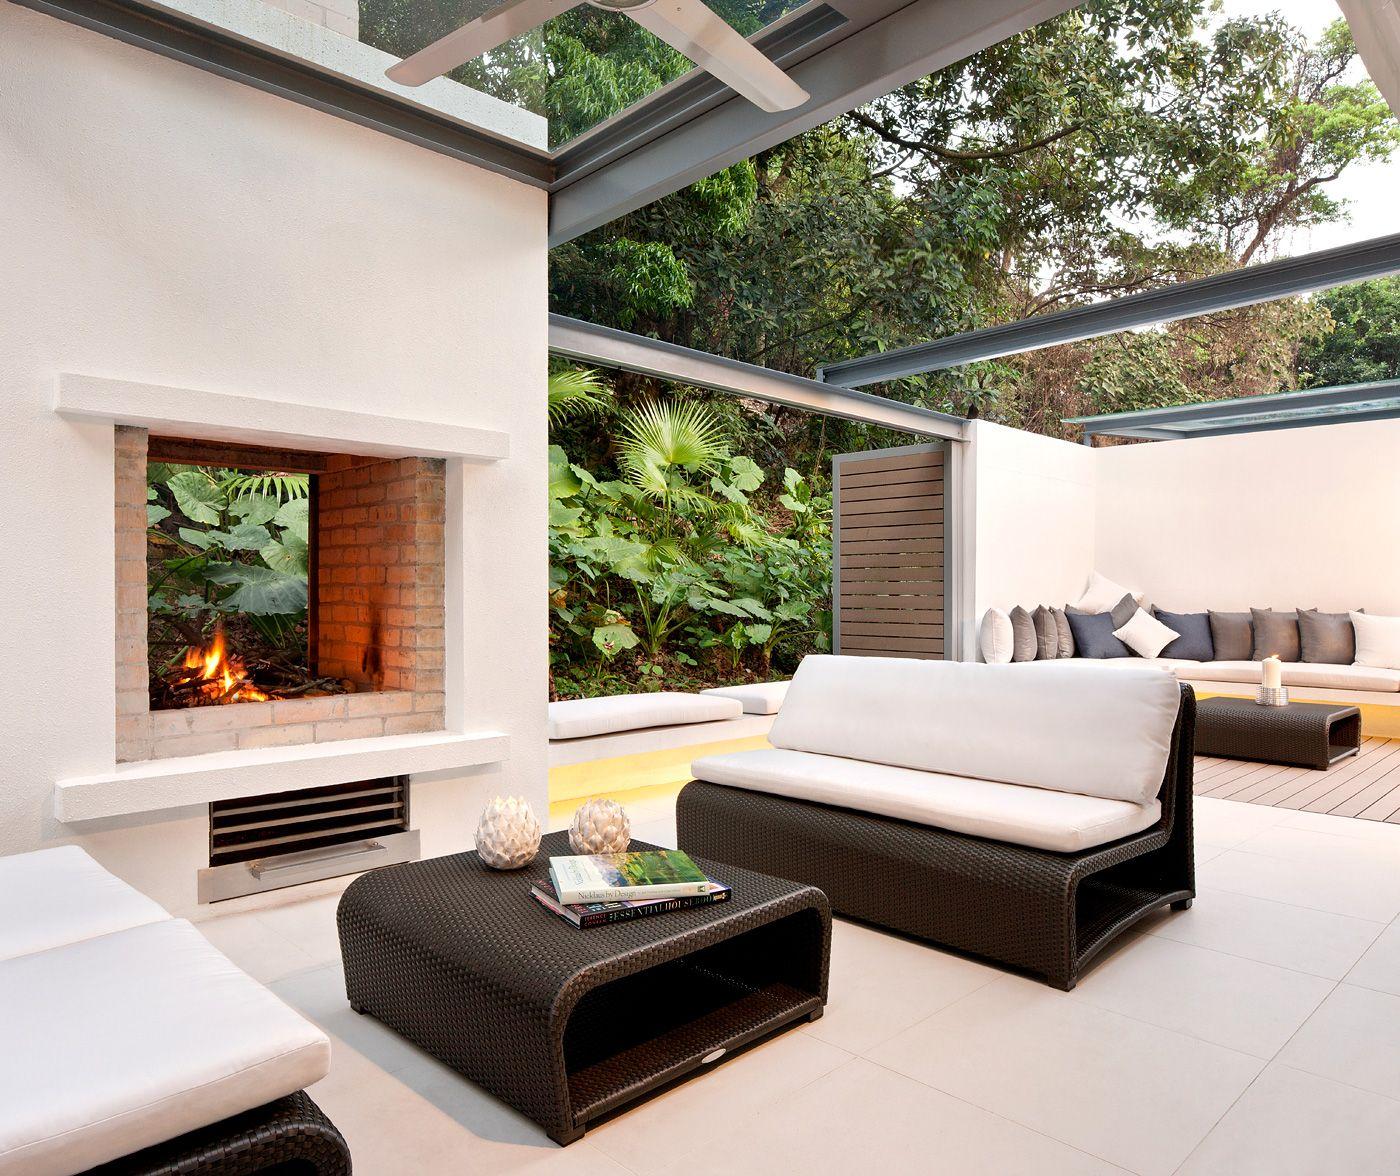 Waldhaus Casa Bosques überzeugt mit modernen Gestaltungselementen